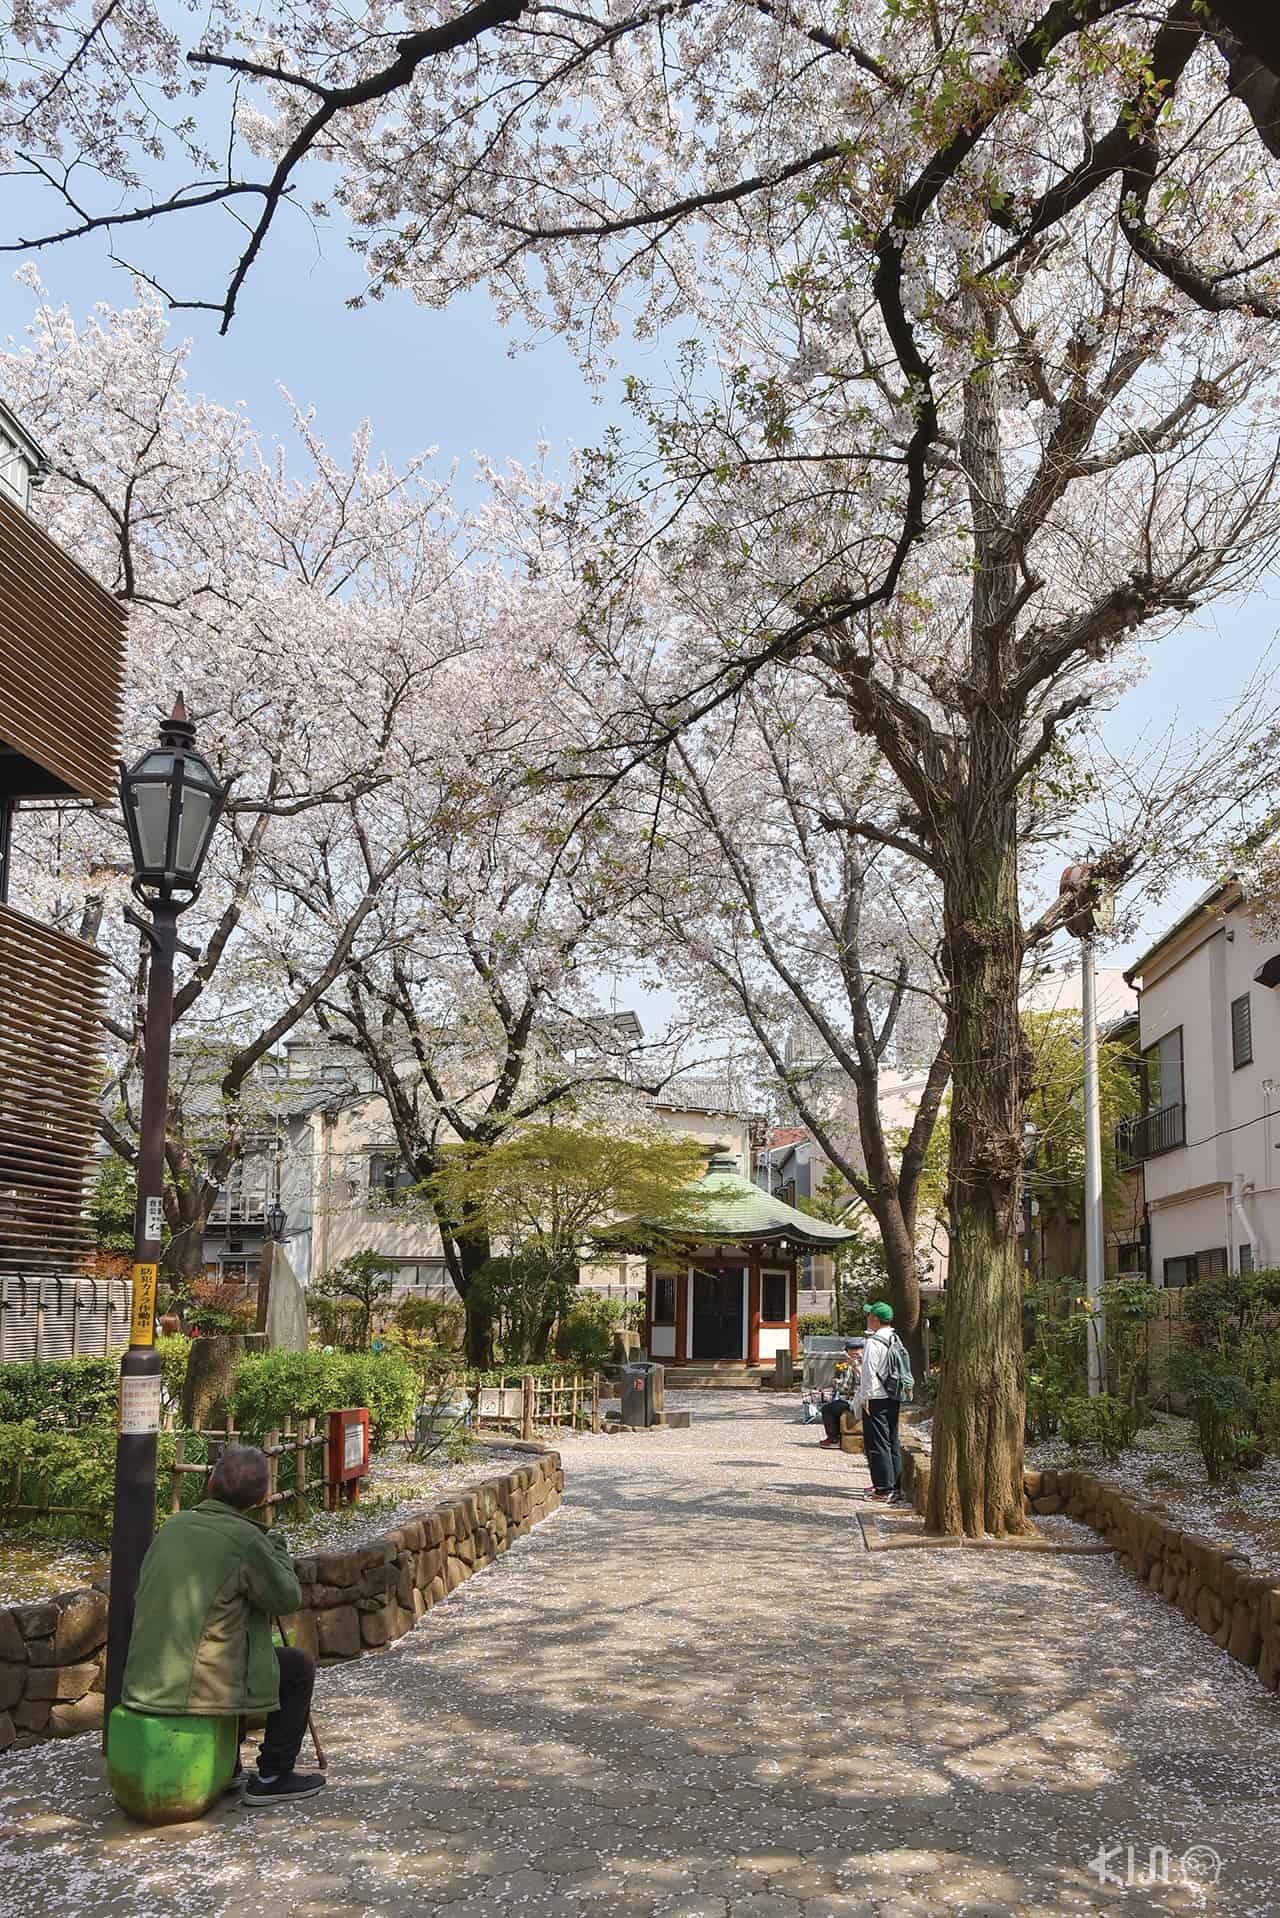 สวนอนุสรณ์โอกาคุระ เท็นชิน | Okakura Tenshin Memorial Park